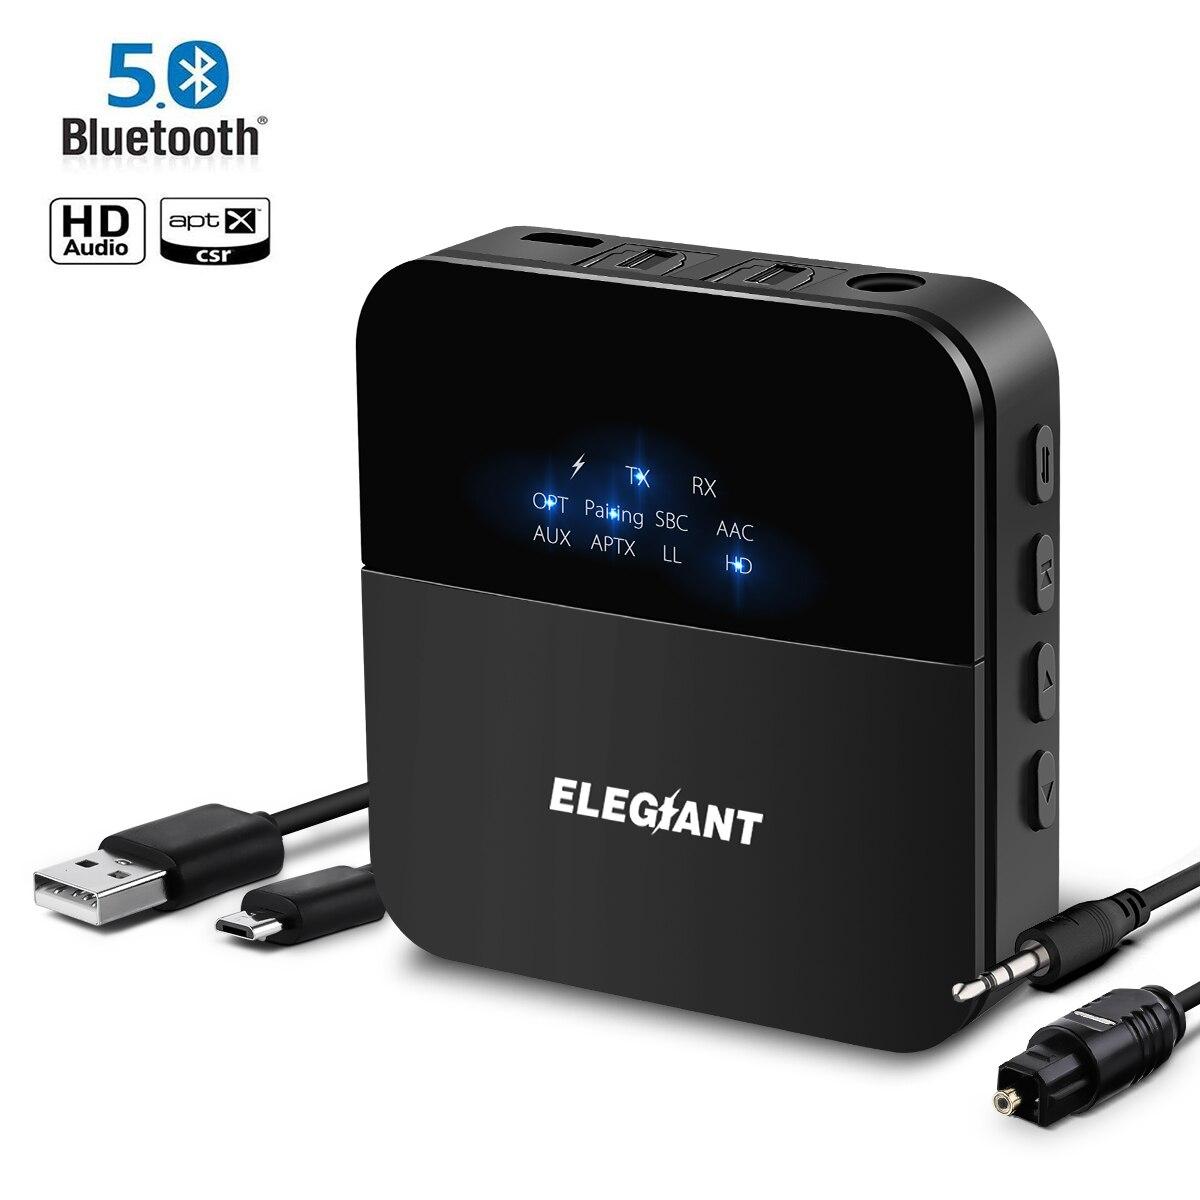 Récepteur émetteur Audio bluetooth 5.0 ELEGIANT AptX HD AptX LL adaptateur optique Toslink prise RCA/3.5mm AUX pour casque de voiture